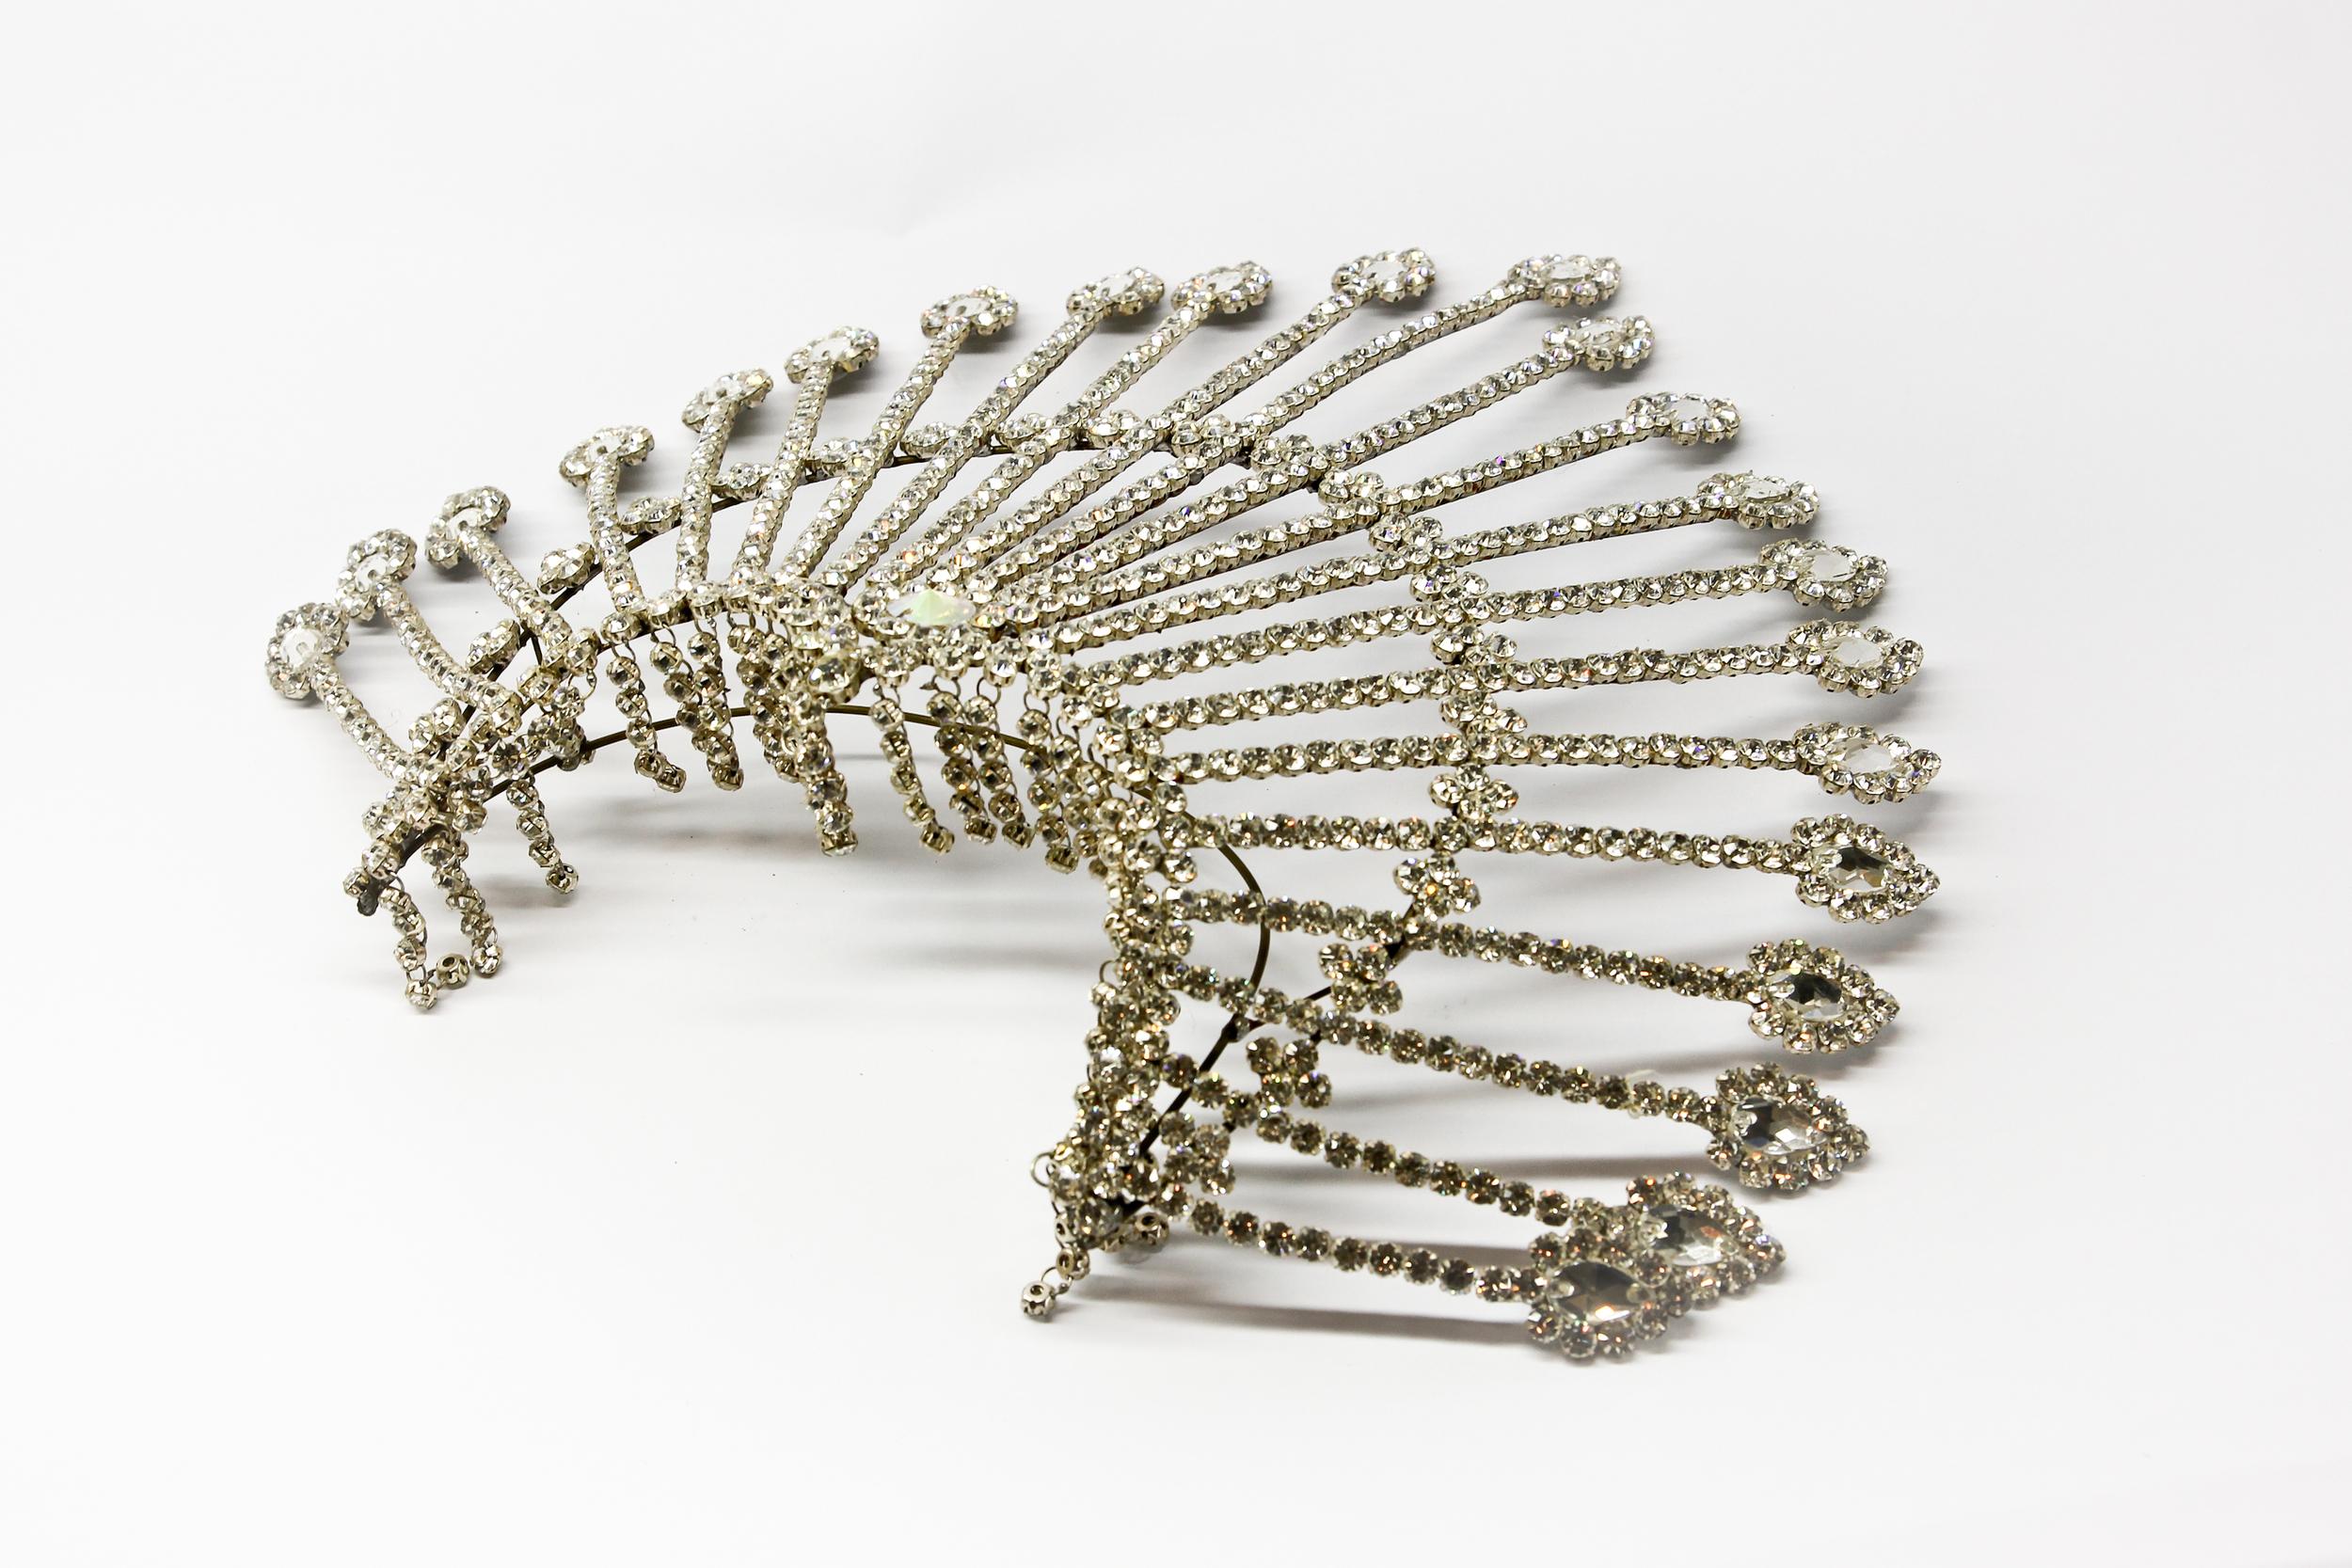 Diamante headpiece